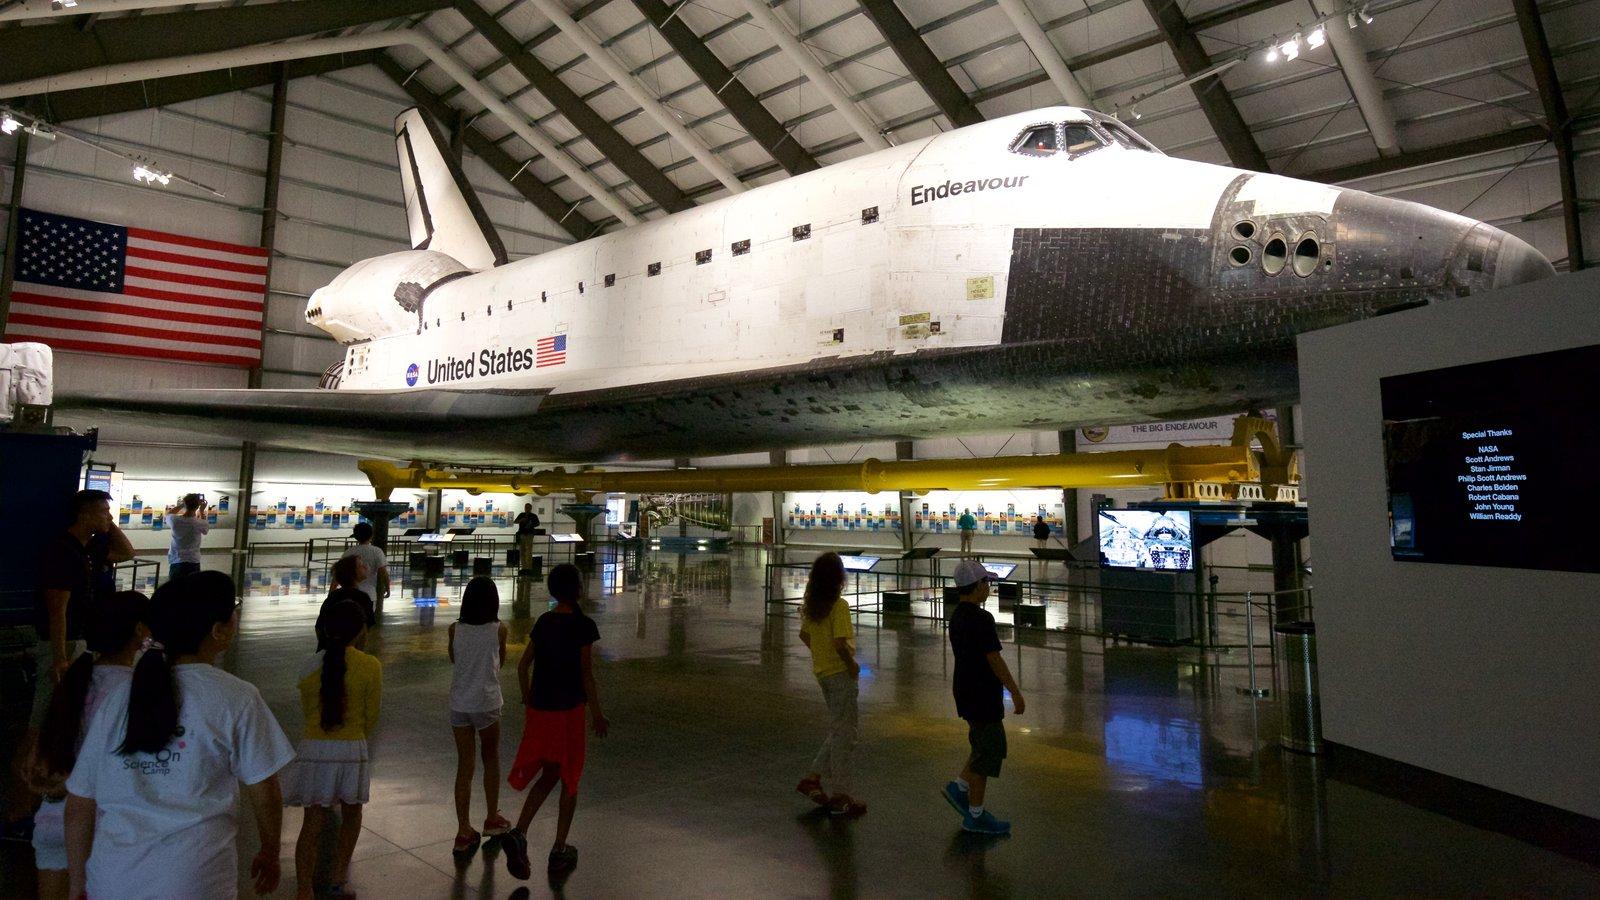 Museo California Science Center que incluye vistas interiores y aeronave y también niños